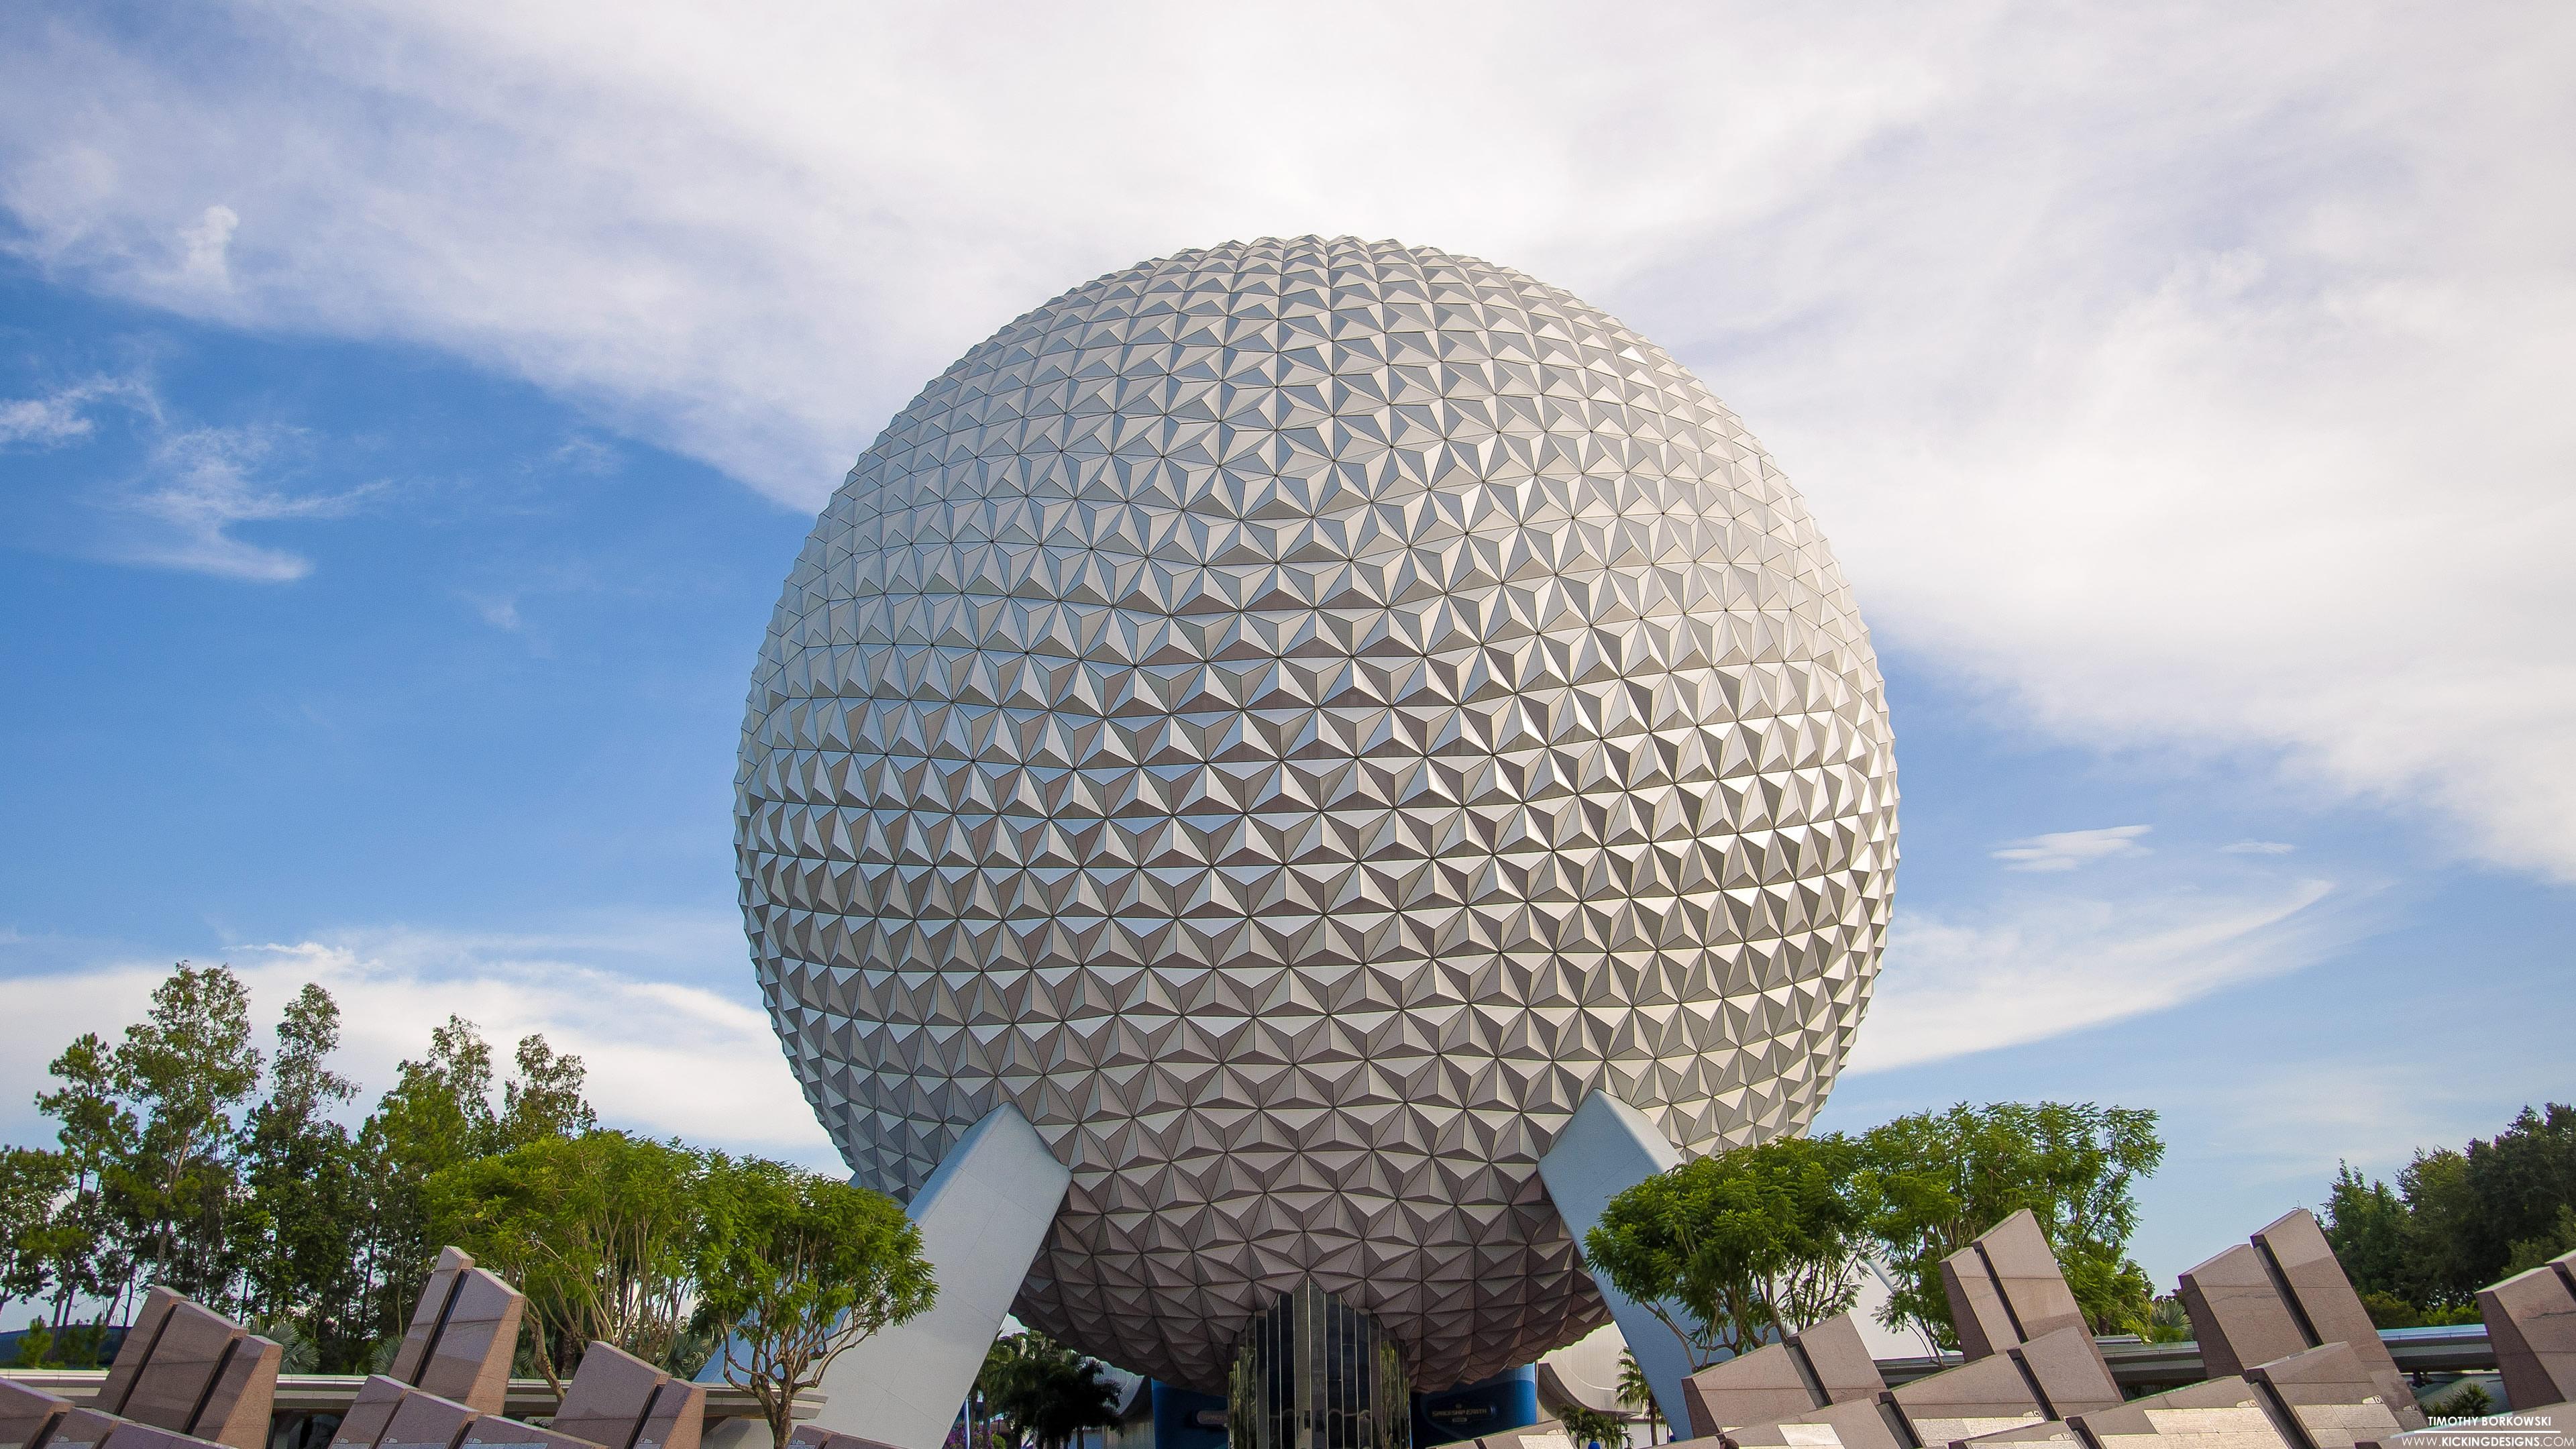 Spaceship Earth 11-23-2014